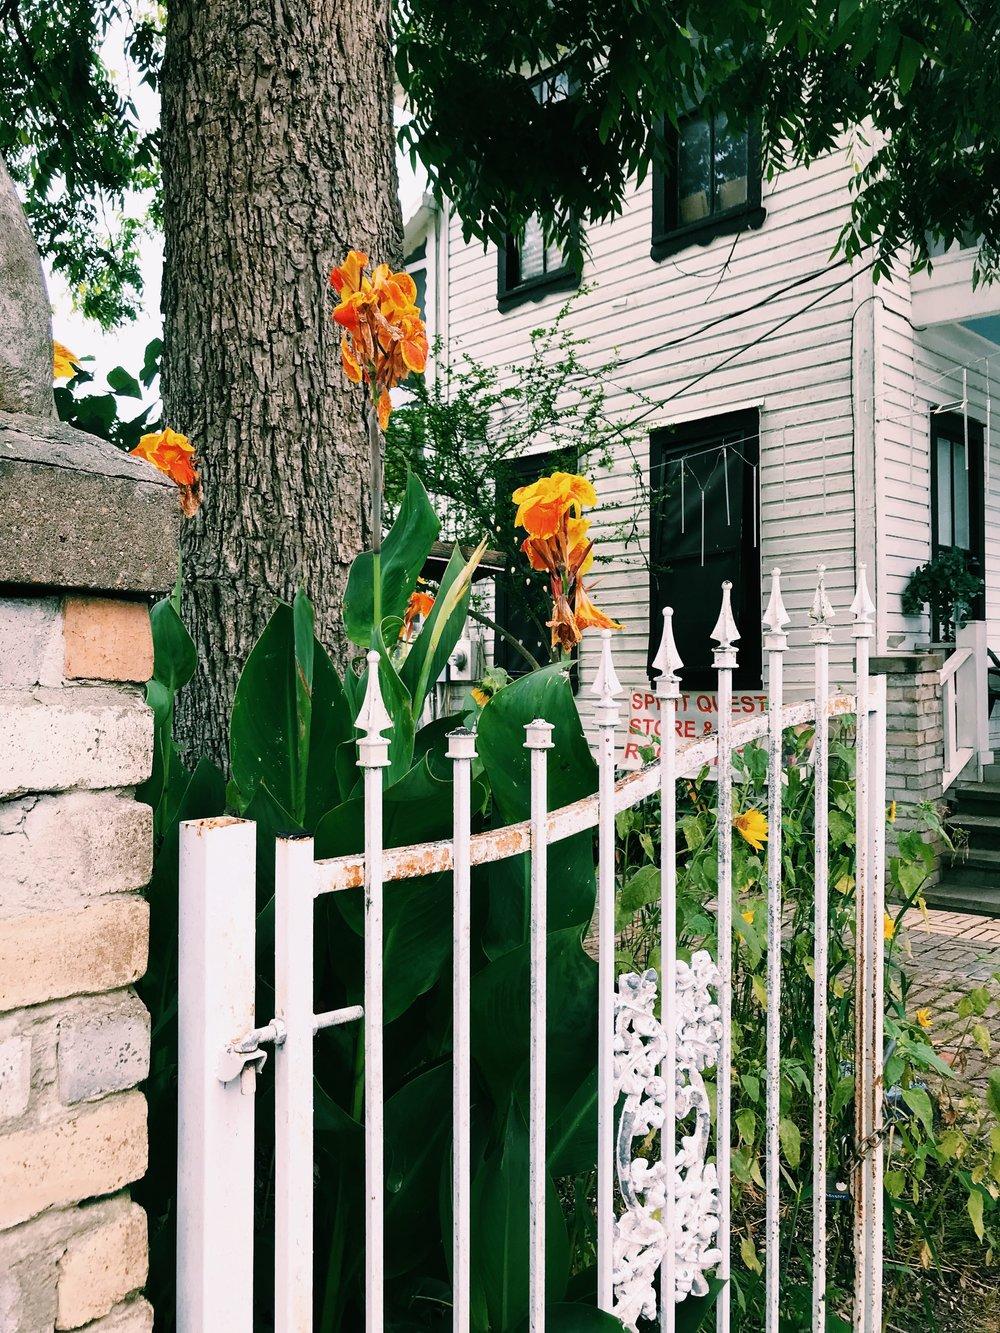 Three Heel Clicks - Houston Hotspots - Old Town Spring (17).jpg